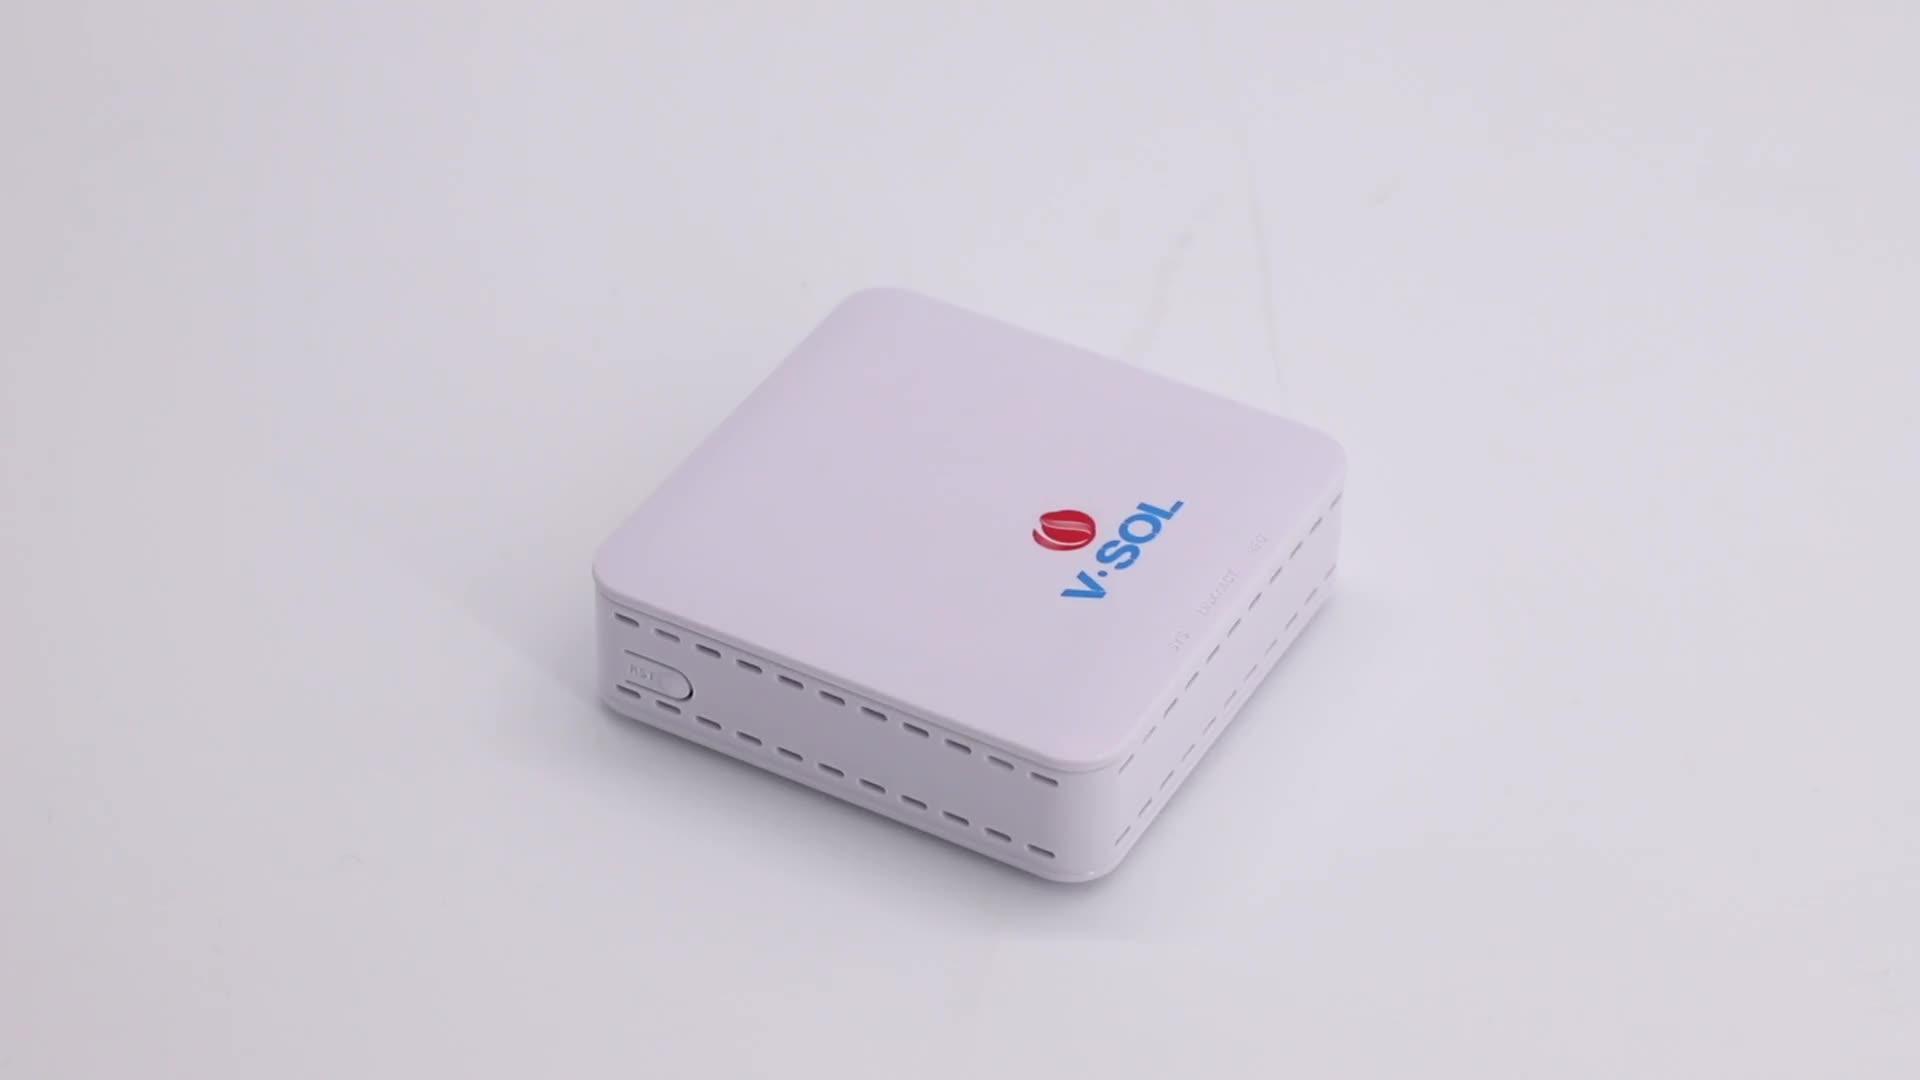 FTTH Realtek chipset 1GE gepon/epon onu with Huawei/ZTE OLT